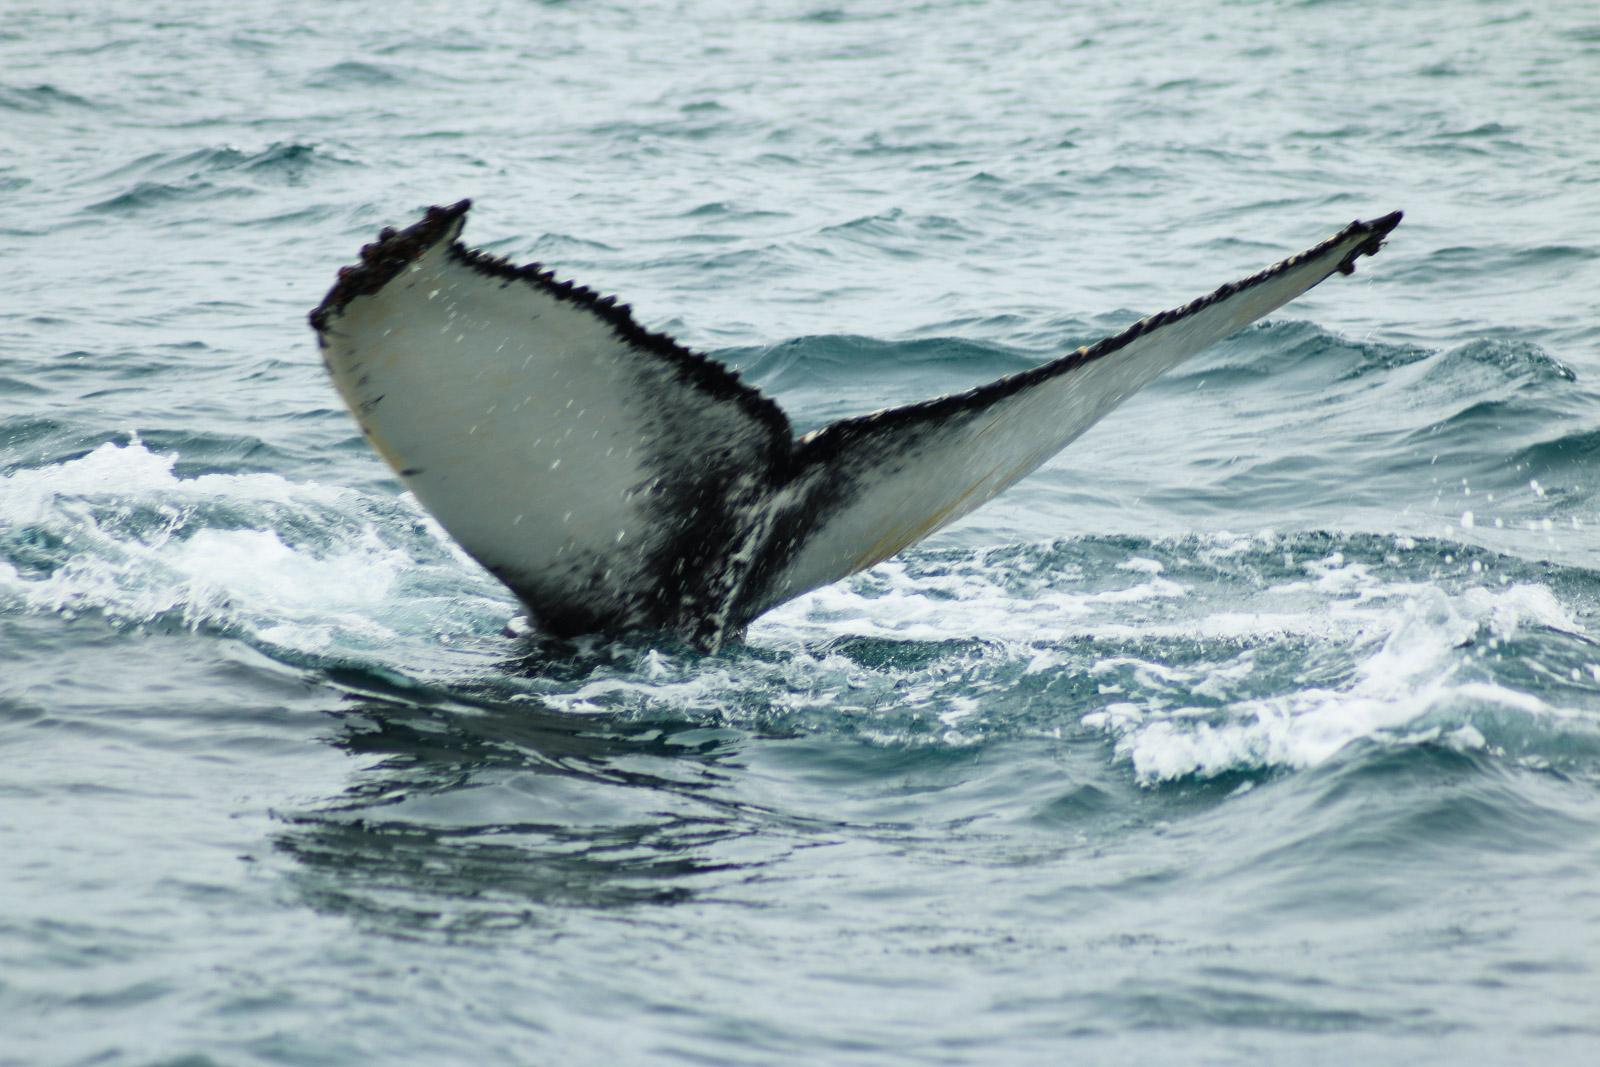 Die Fluke des Buckelwals zeichnet jedes Tier aus. Anhand ihrer kann man die Tiere einzeln identifizieren.